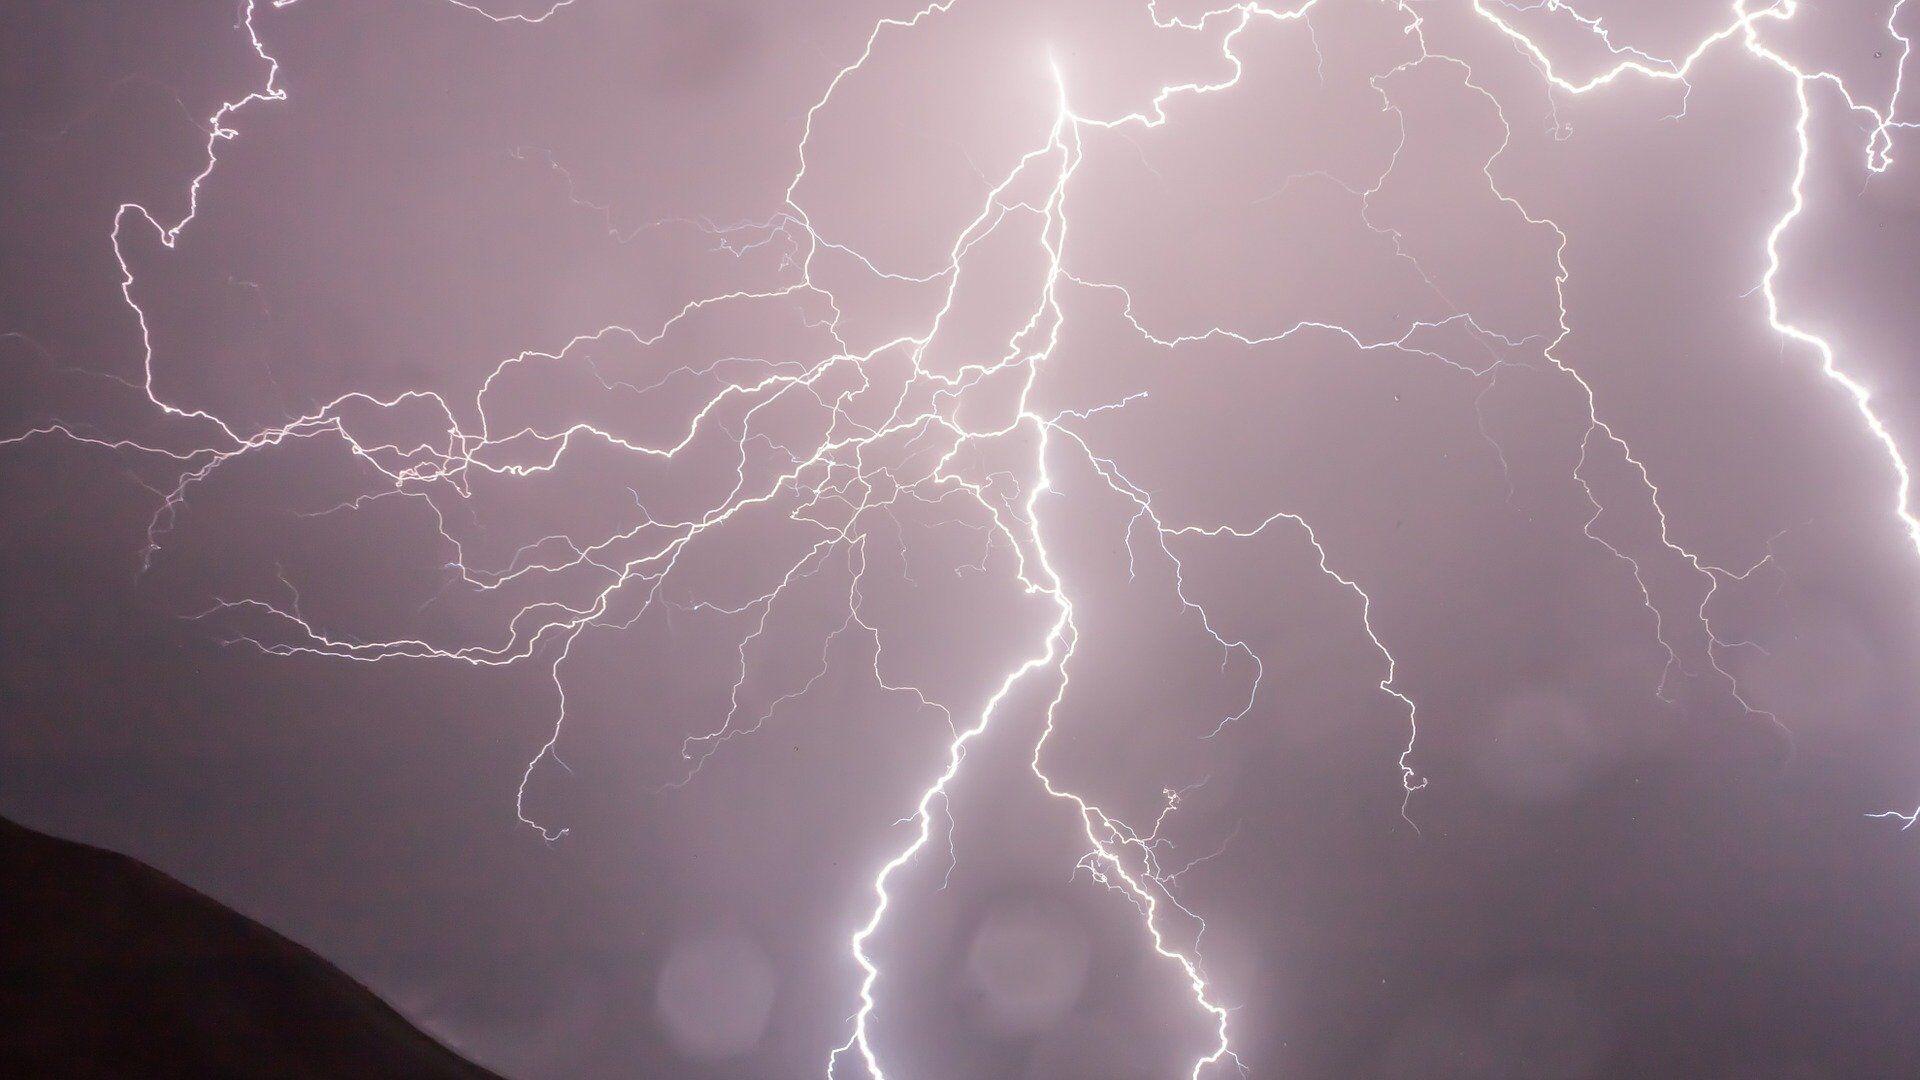 Κεραυνοί στη διάρκεια καταιγίδας - Sputnik Ελλάδα, 1920, 29.09.2021